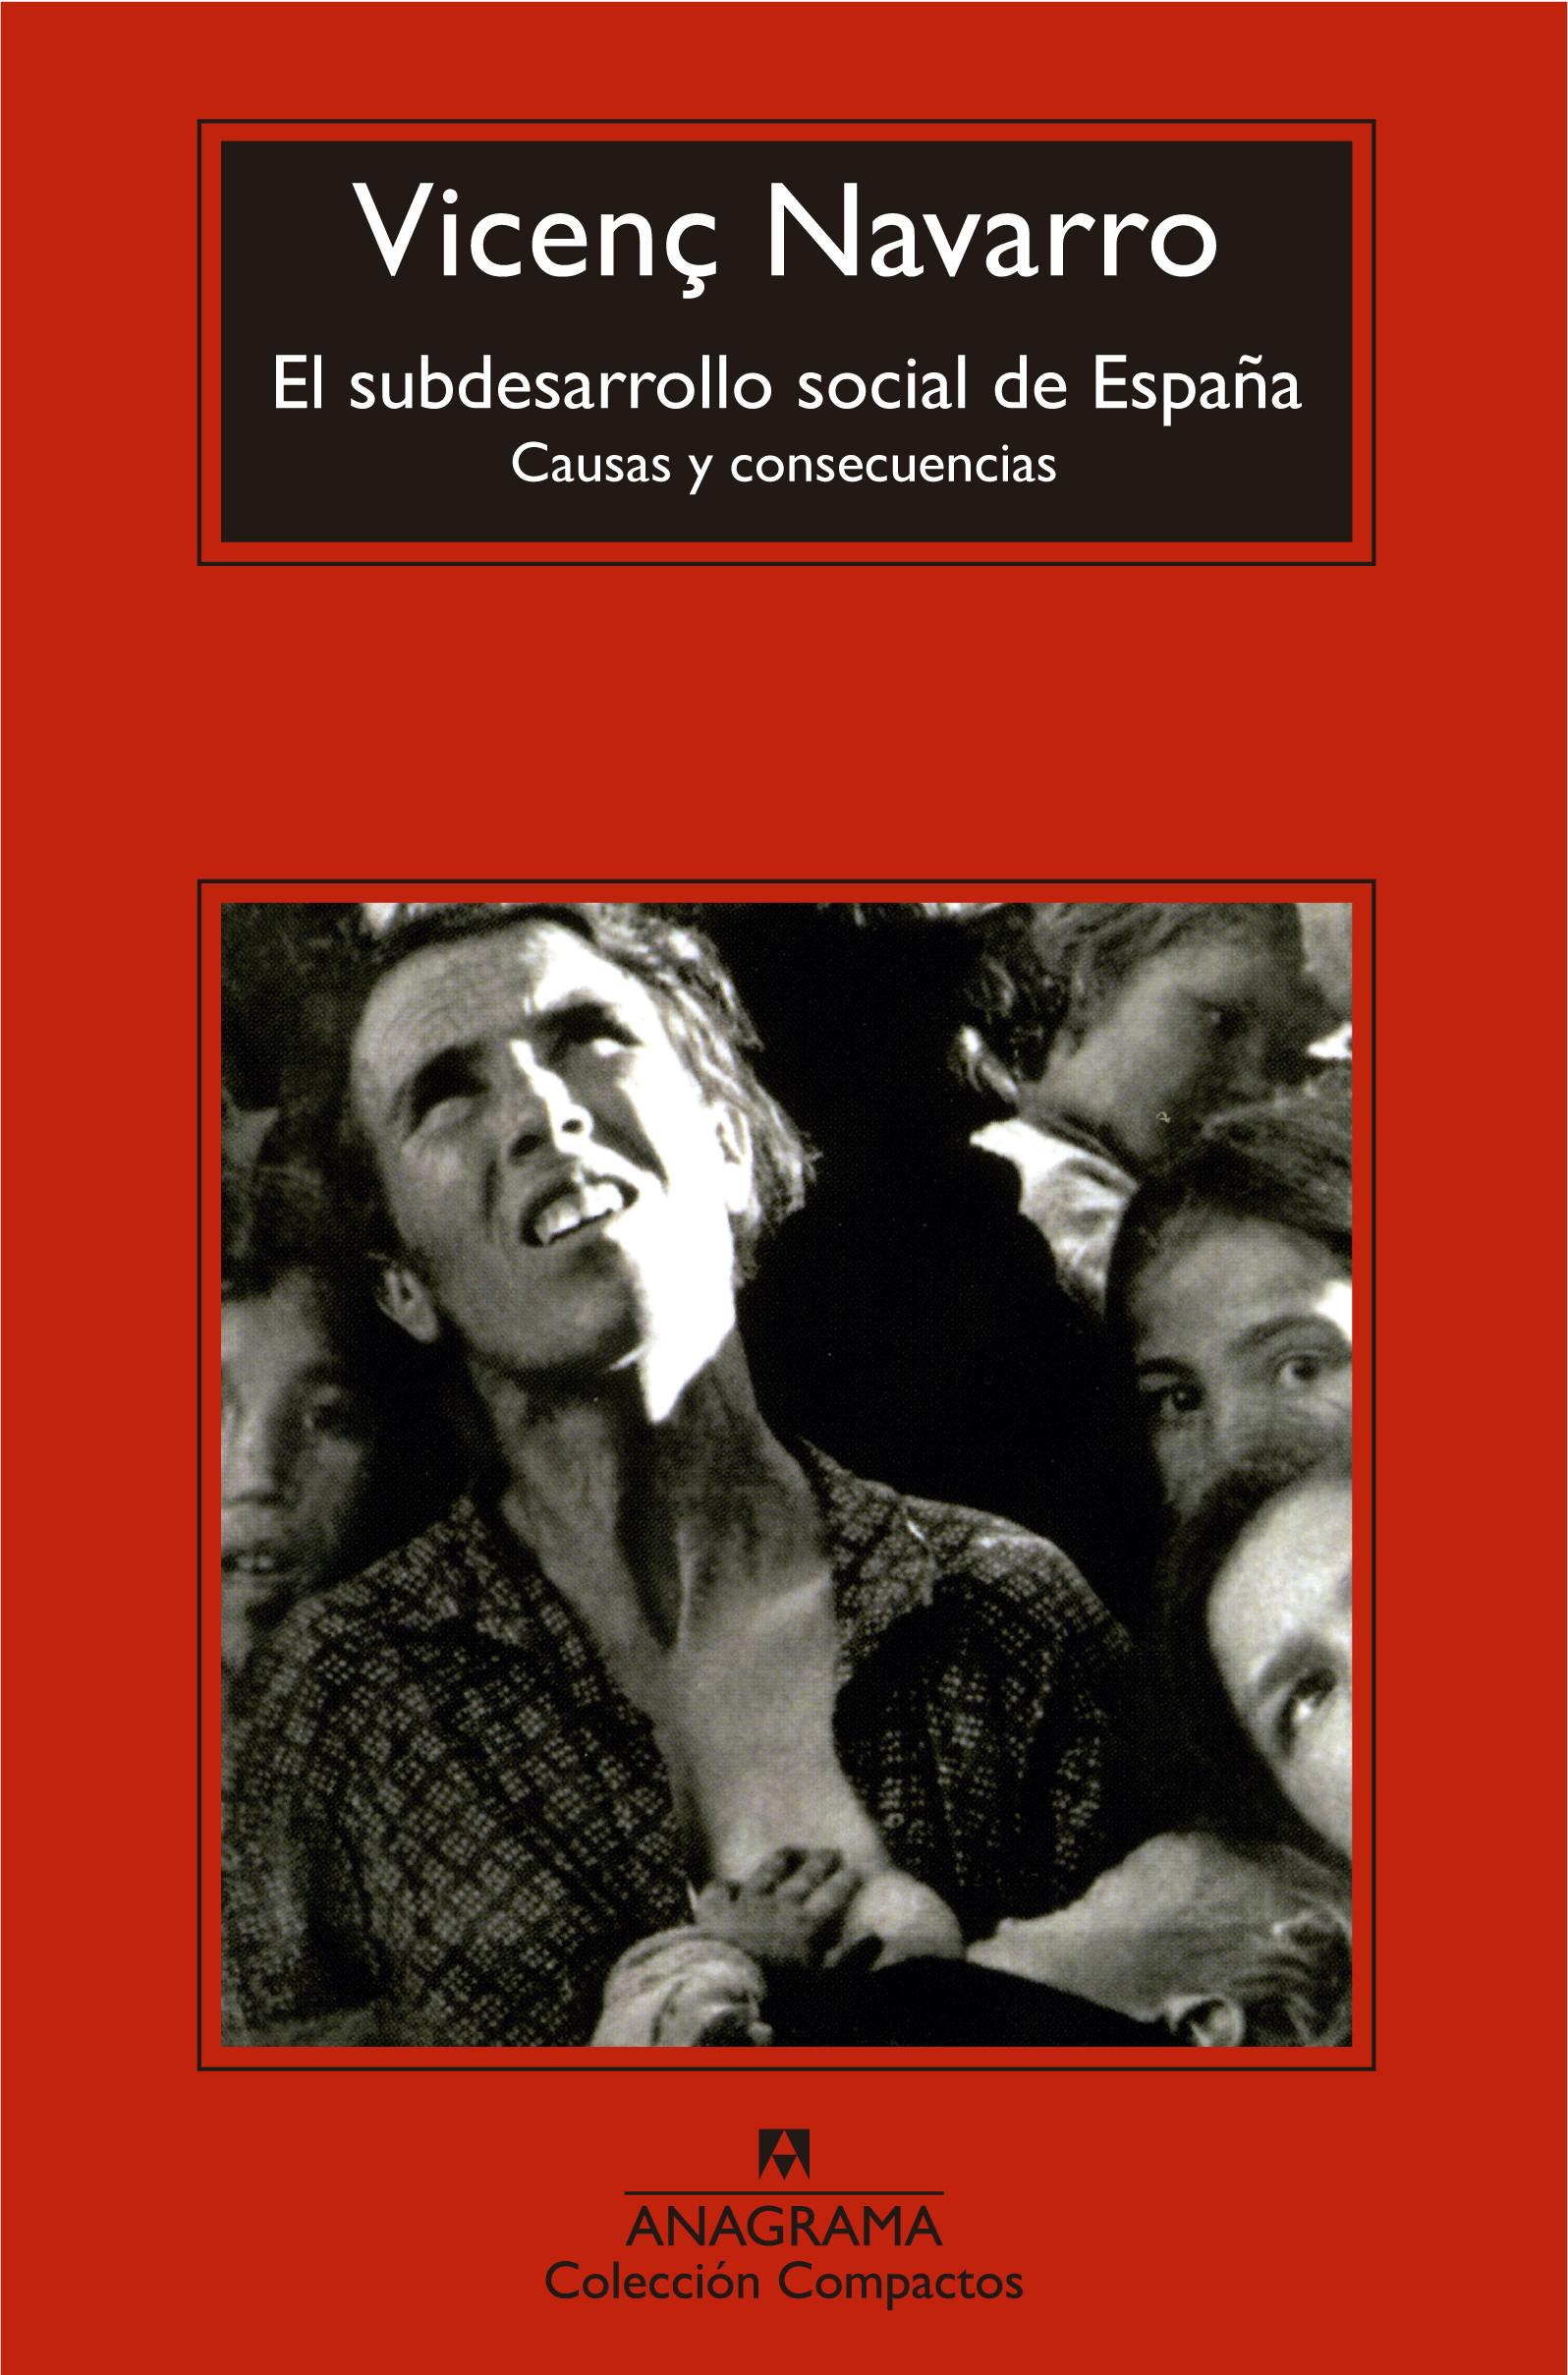 'El subdesarrollo social de España', Vicenç Navarro (Anagrama, 2006)